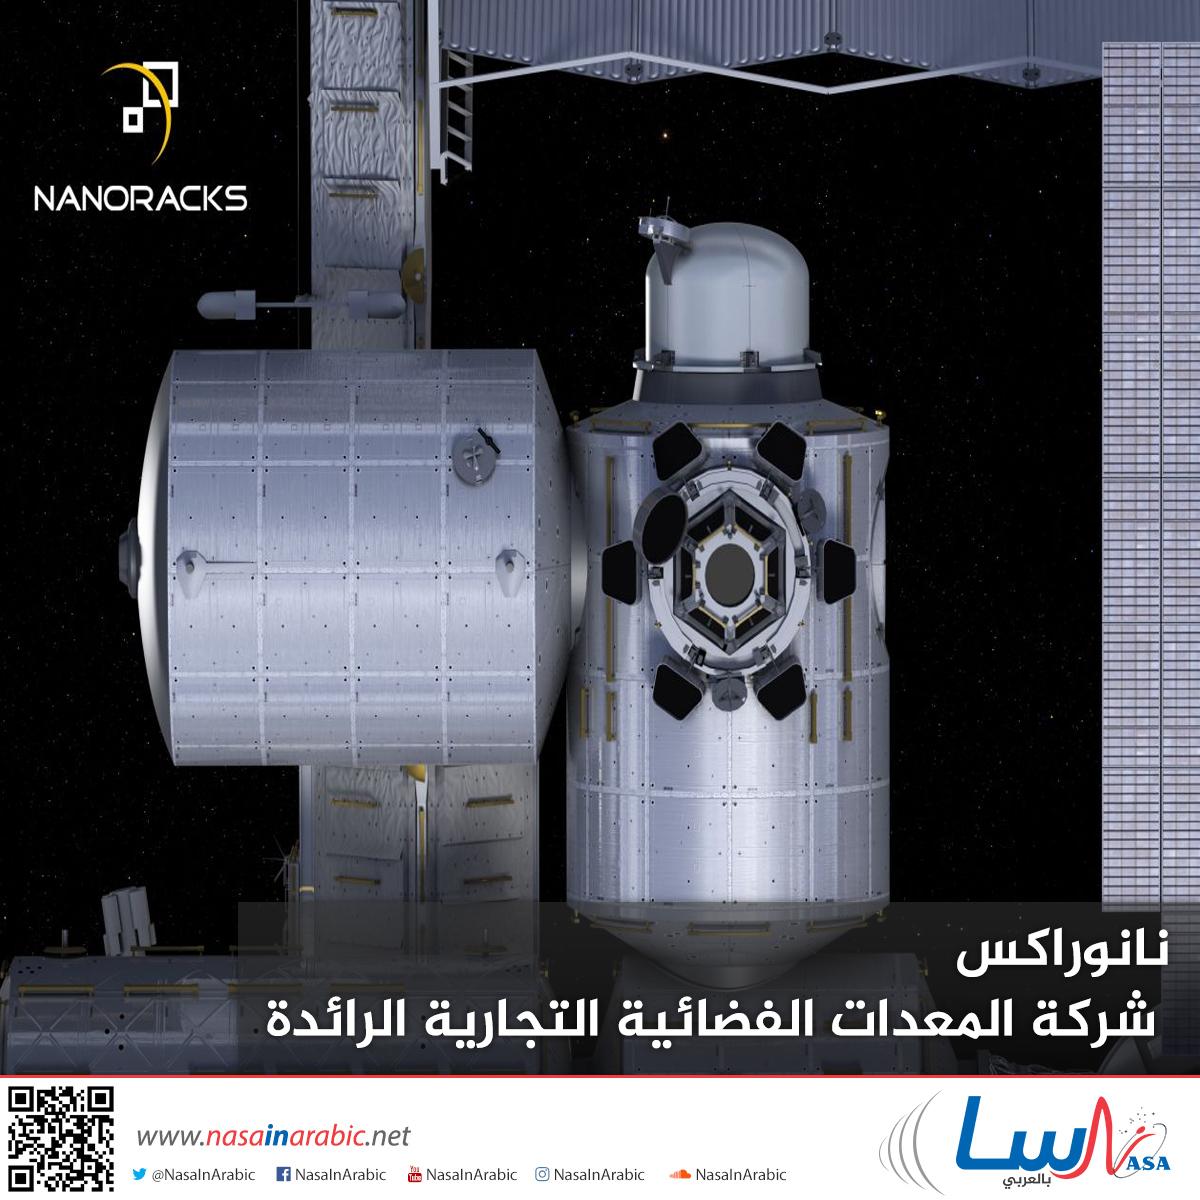 نانوراكس شركة المعدات الفضائية التجارية الرائدة